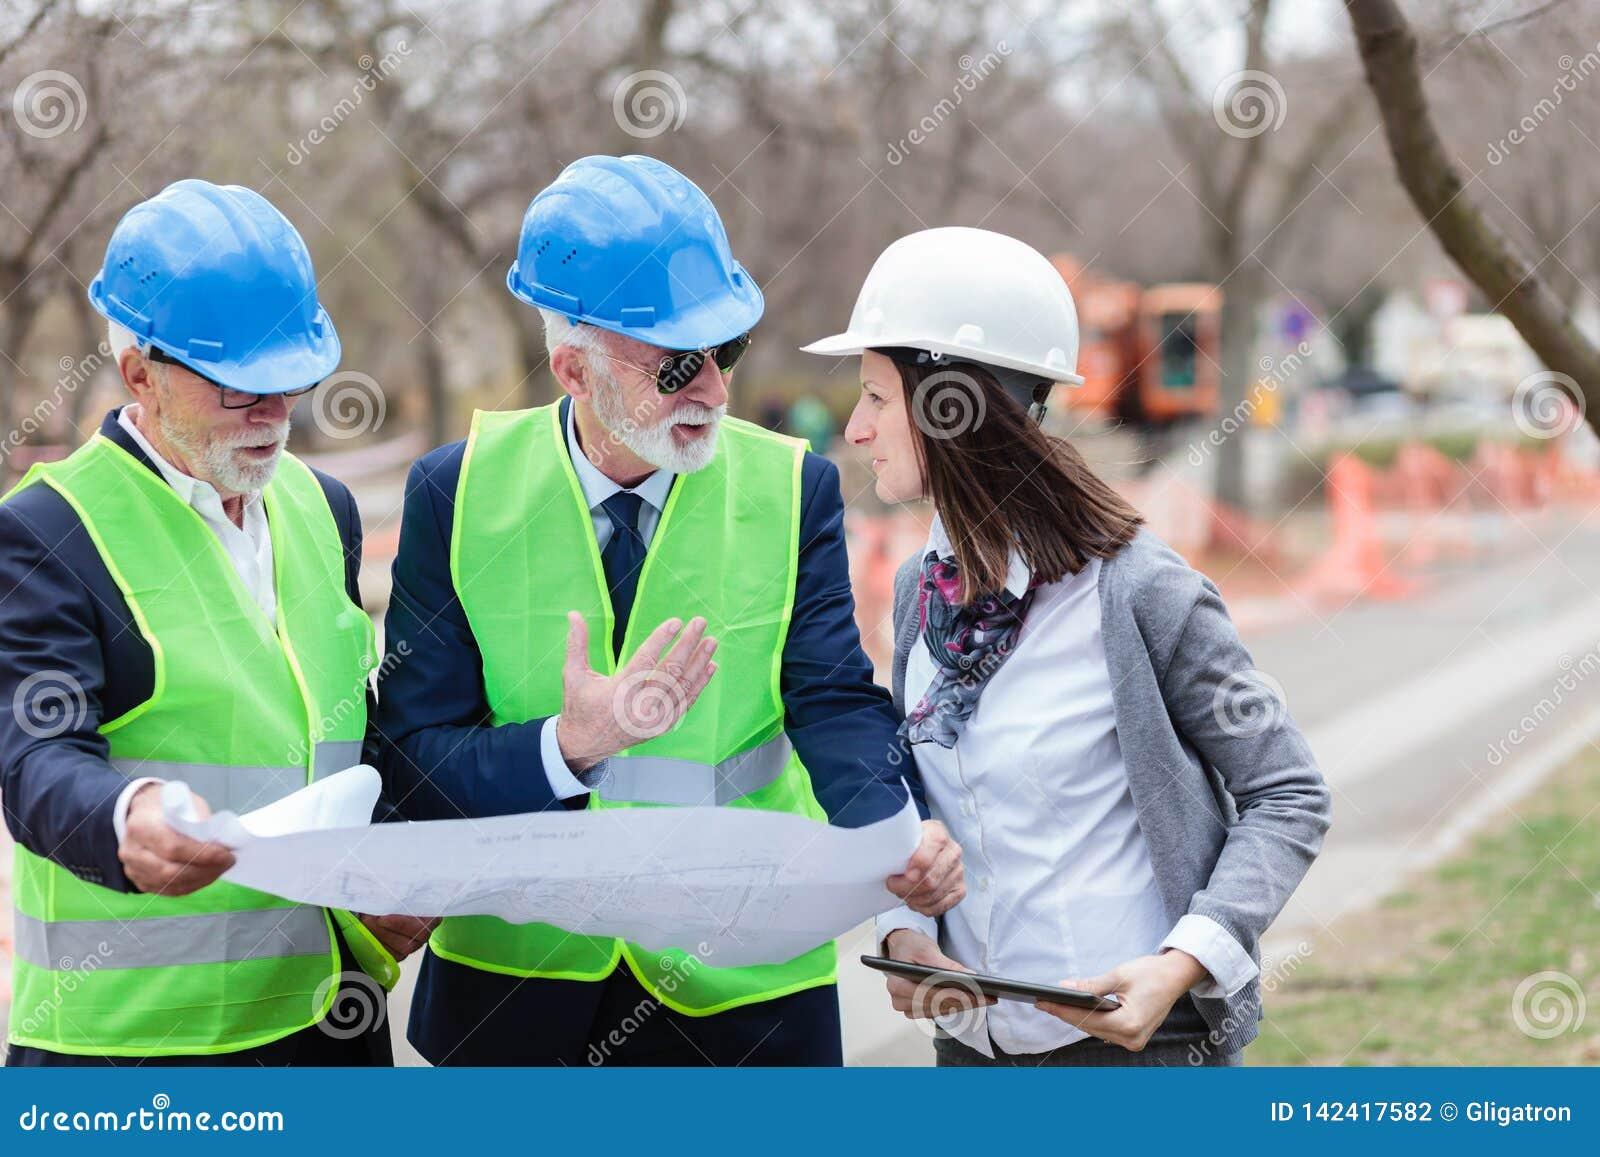 Смешанная группа в составе архитекторы и деловые партнеры обсуждая детали проекта на строительной площадке